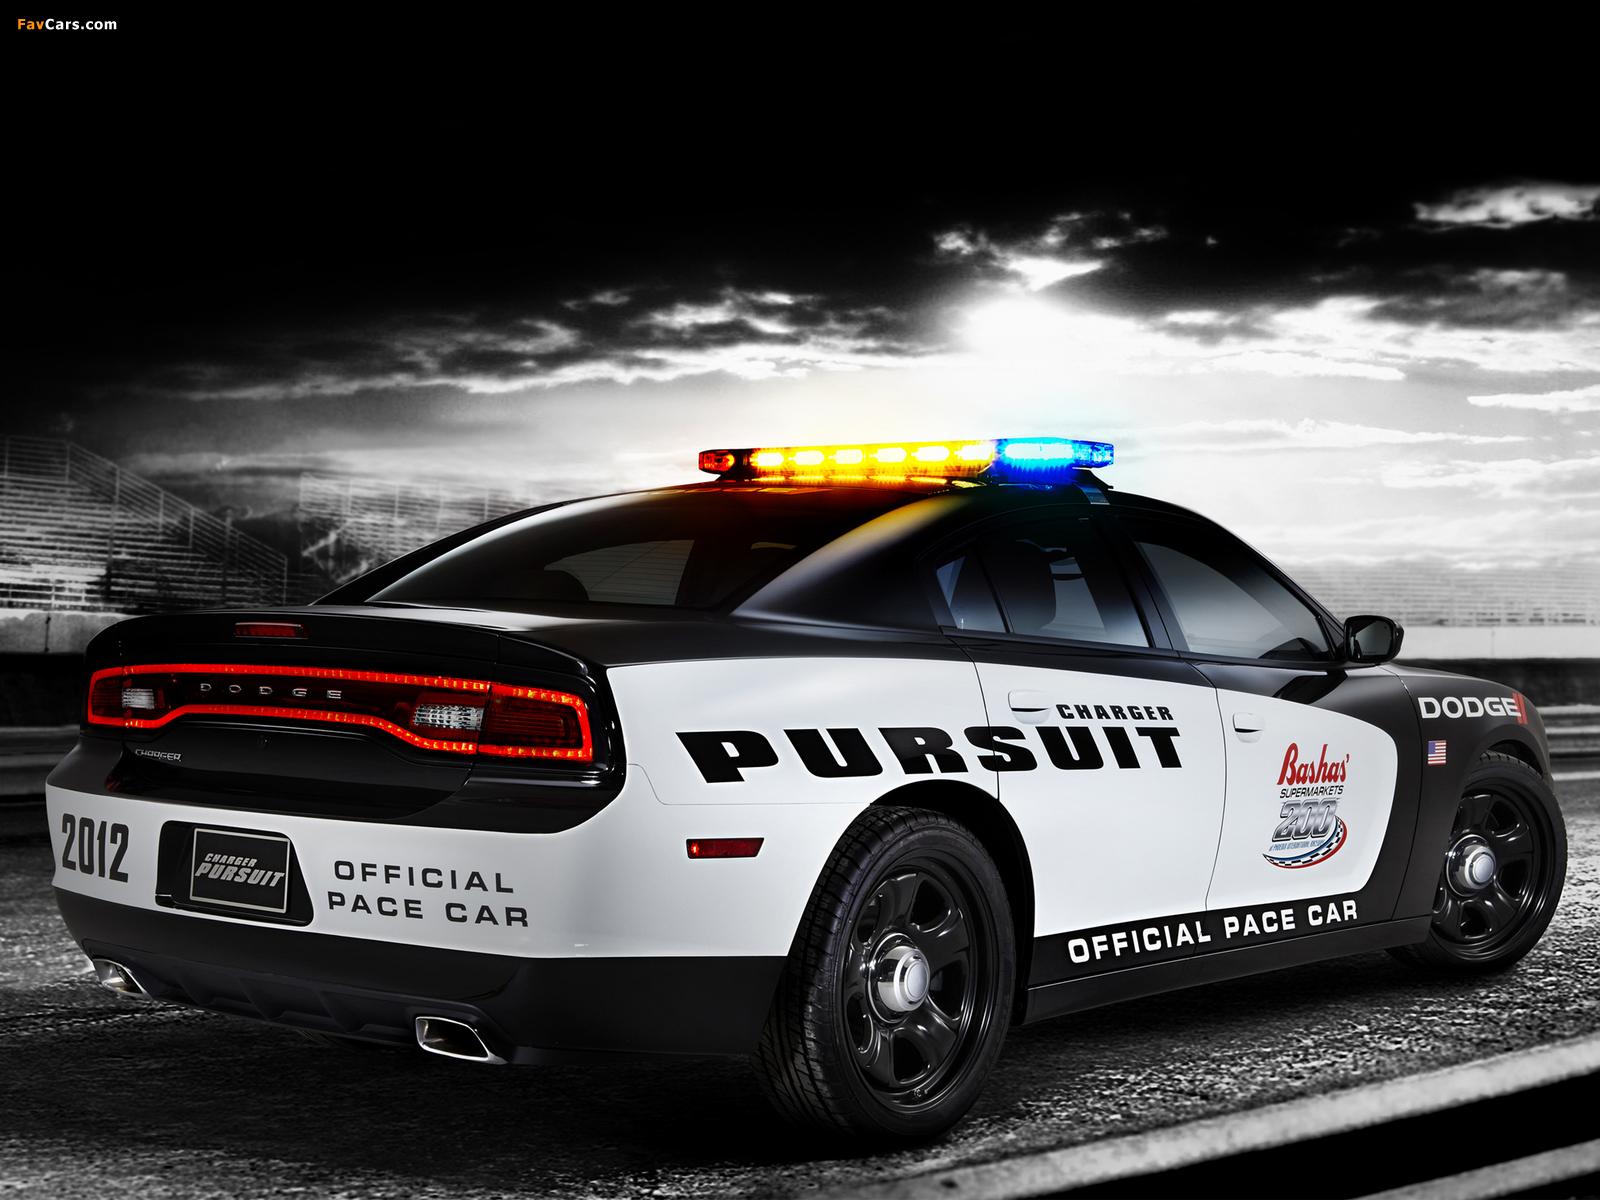 Dodge Charger Pursuit Pace Car 2012 pictures (1600 x 1200)